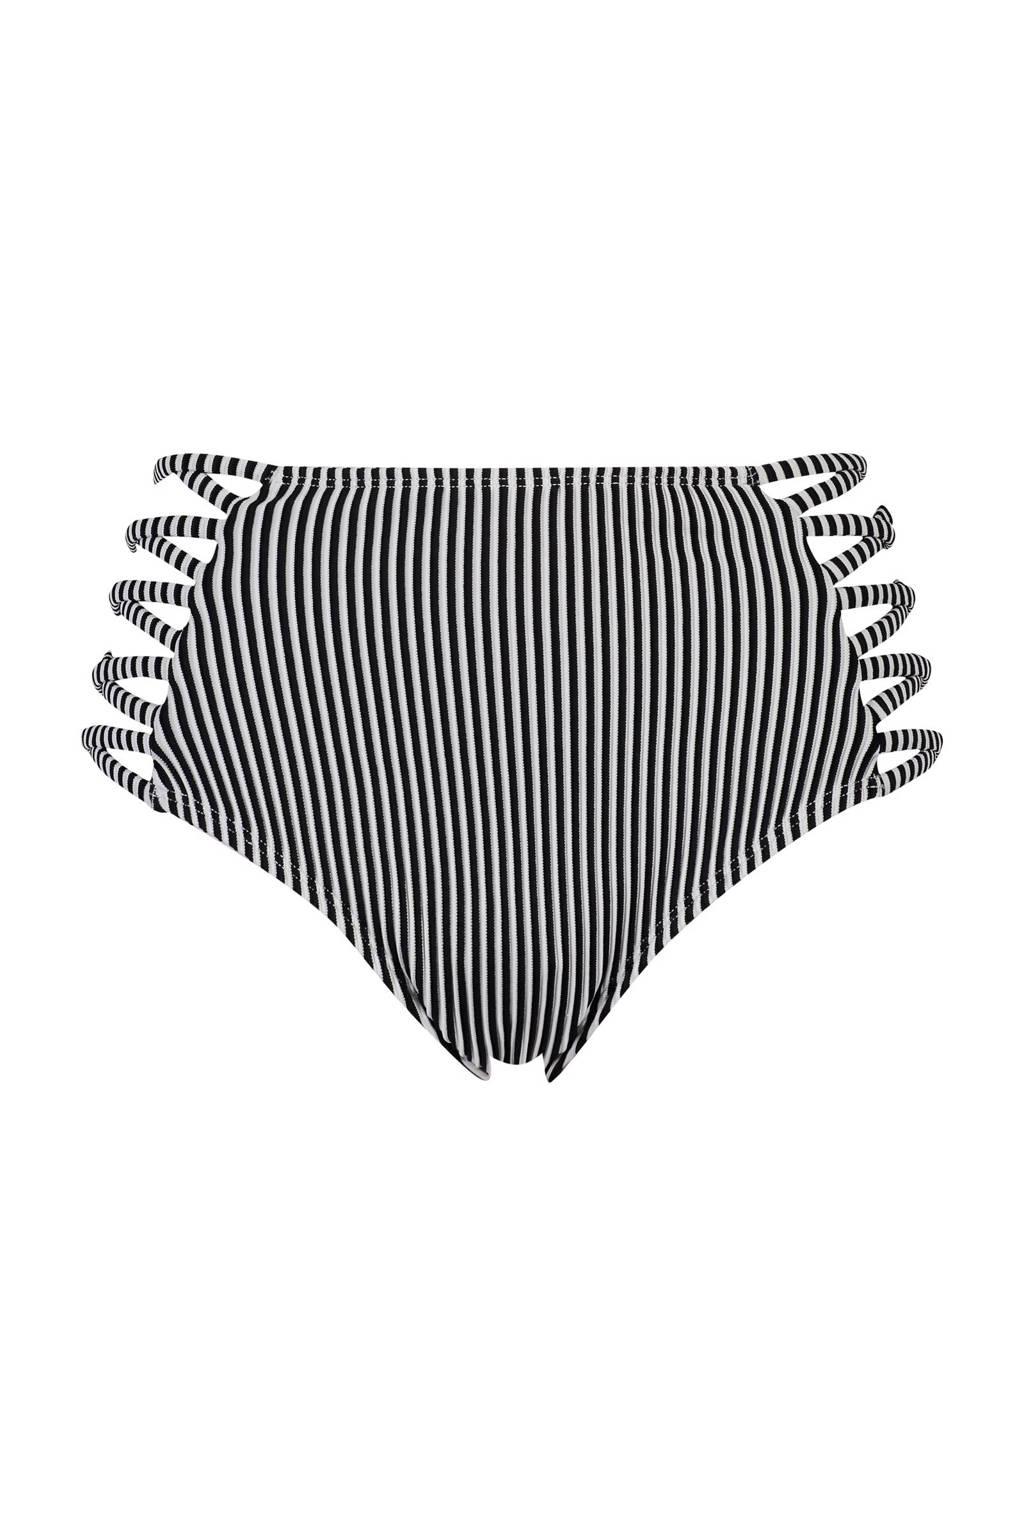 Hunkemöller Mix & Match gestreept high waist bikinibroekje zwart/wit, Zwart/wit